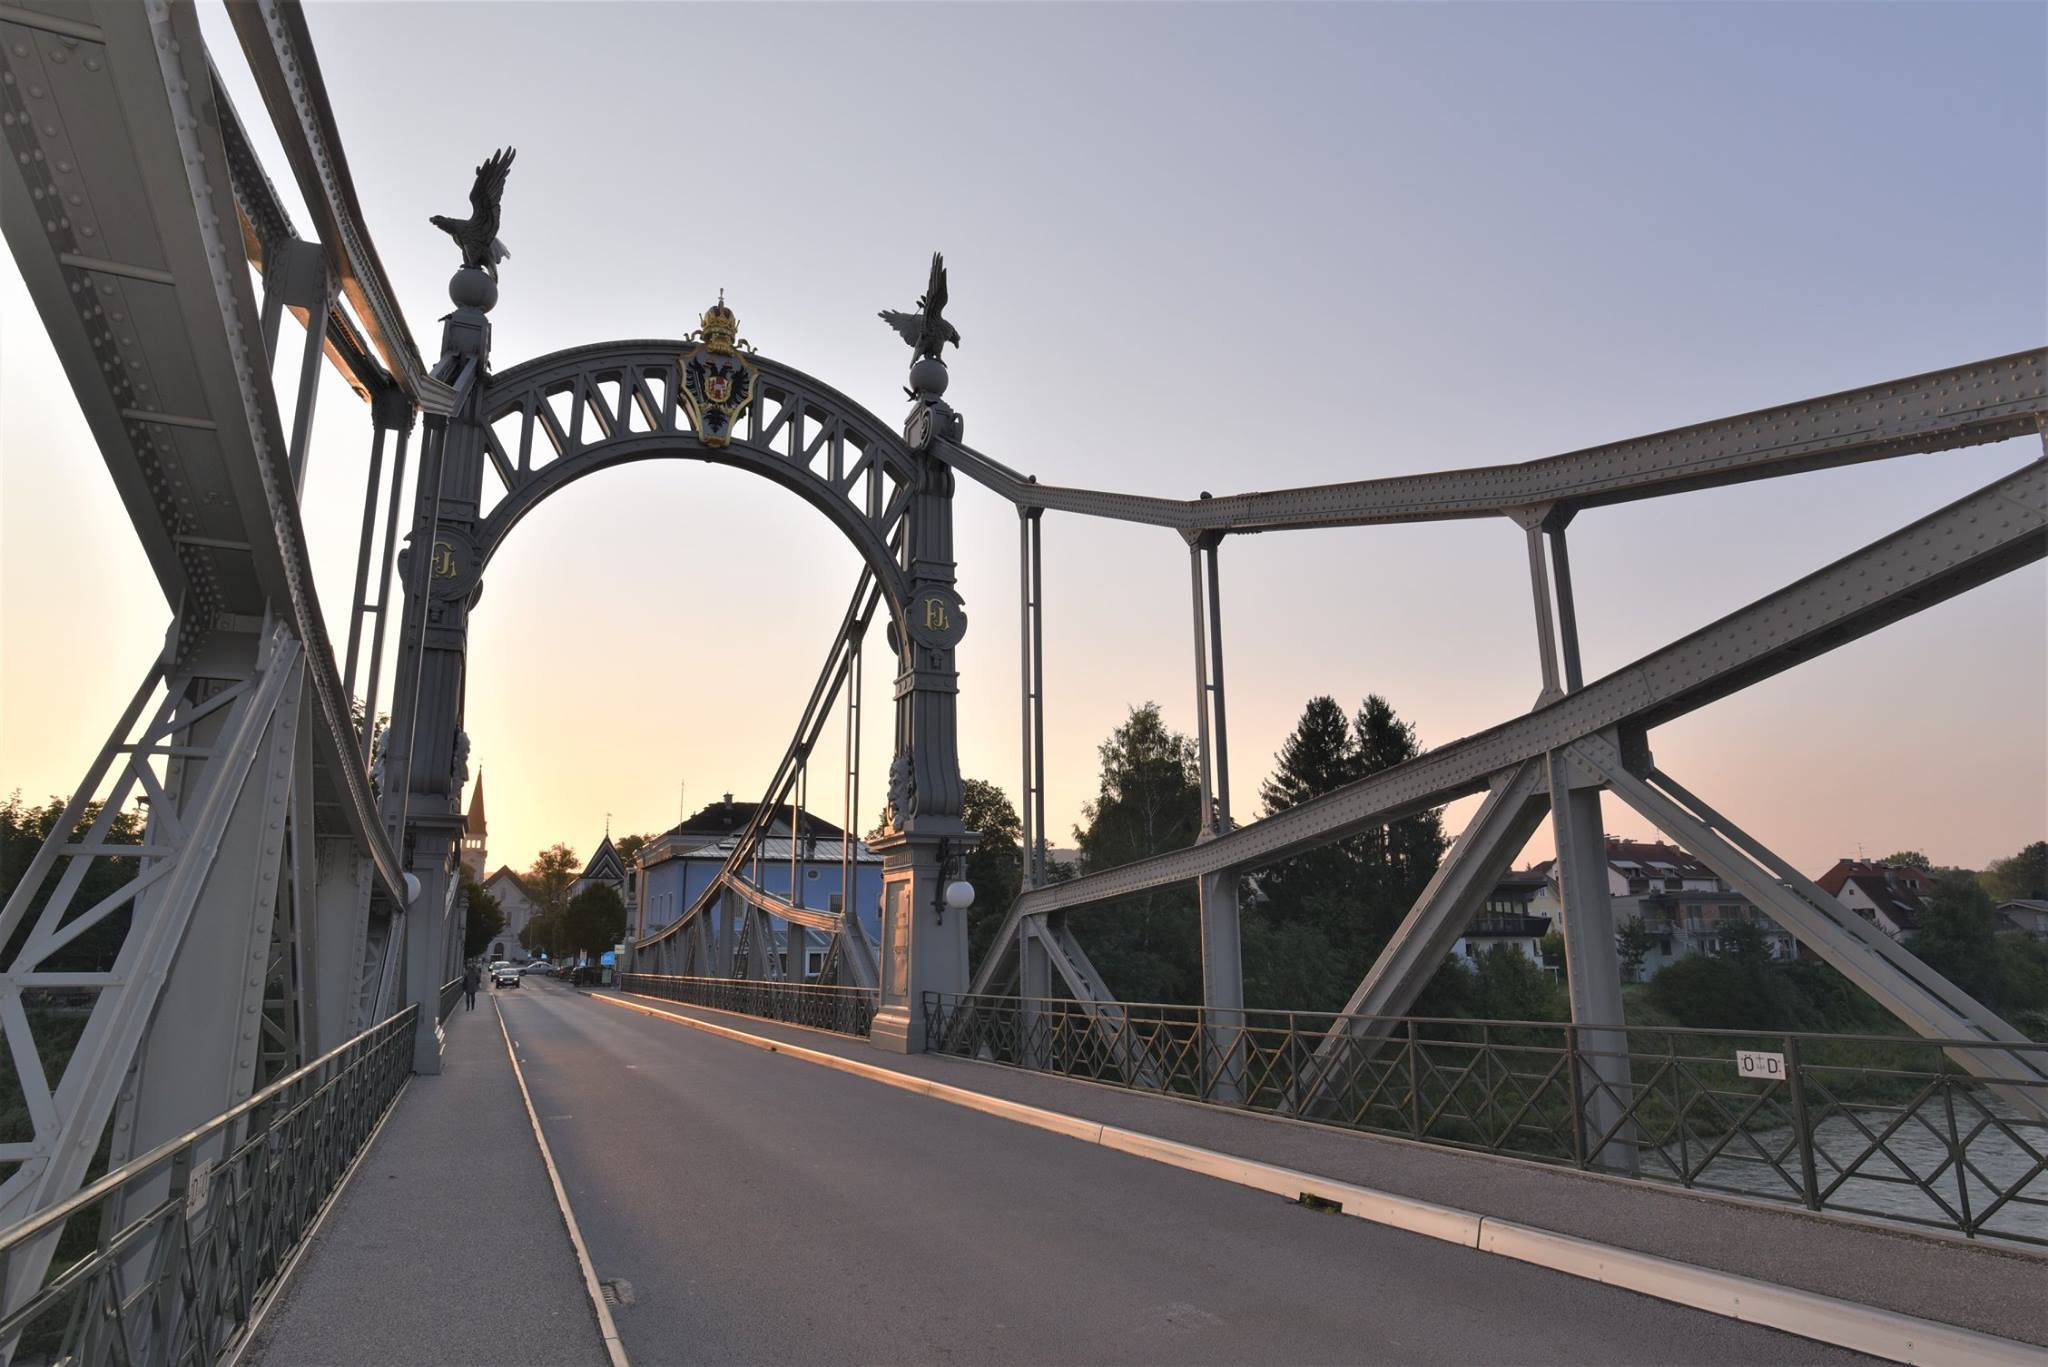 Standortverordnung Stadt Oberndorf - Projekt im Bereich - RIS